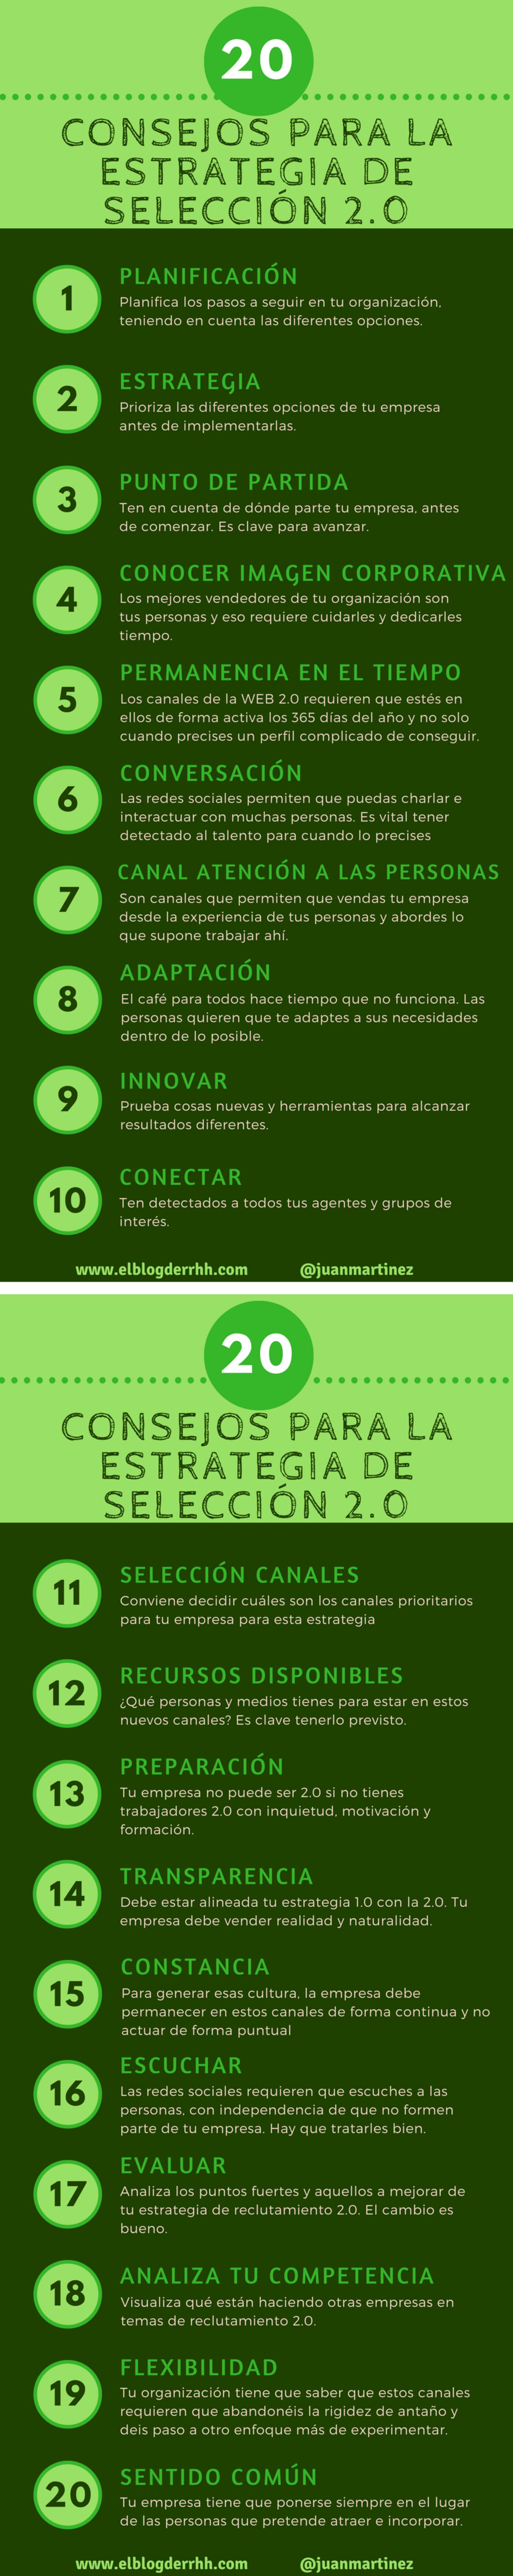 20 consejos para la estrategia de selección 2.0 #infografia #socialmedia #rrhh